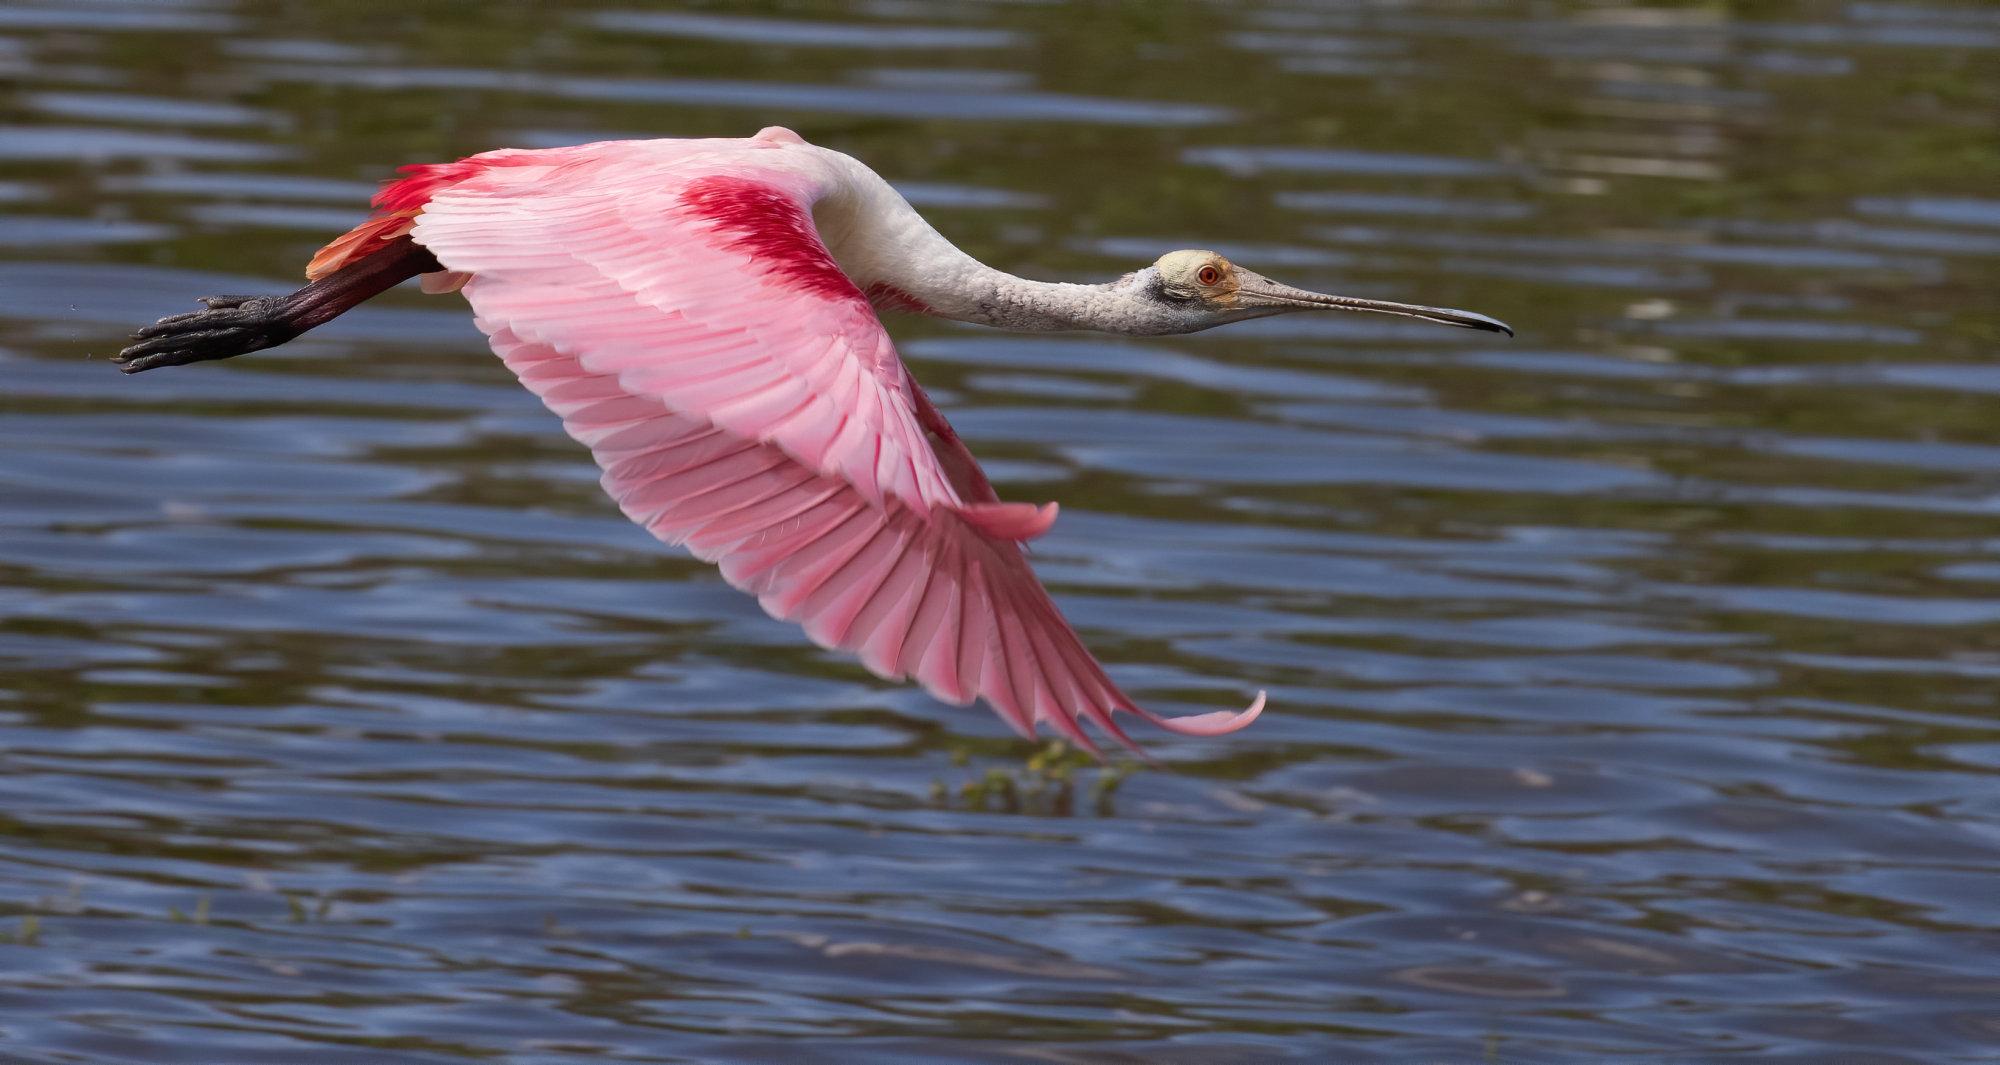 Rosette spoonbill in flight